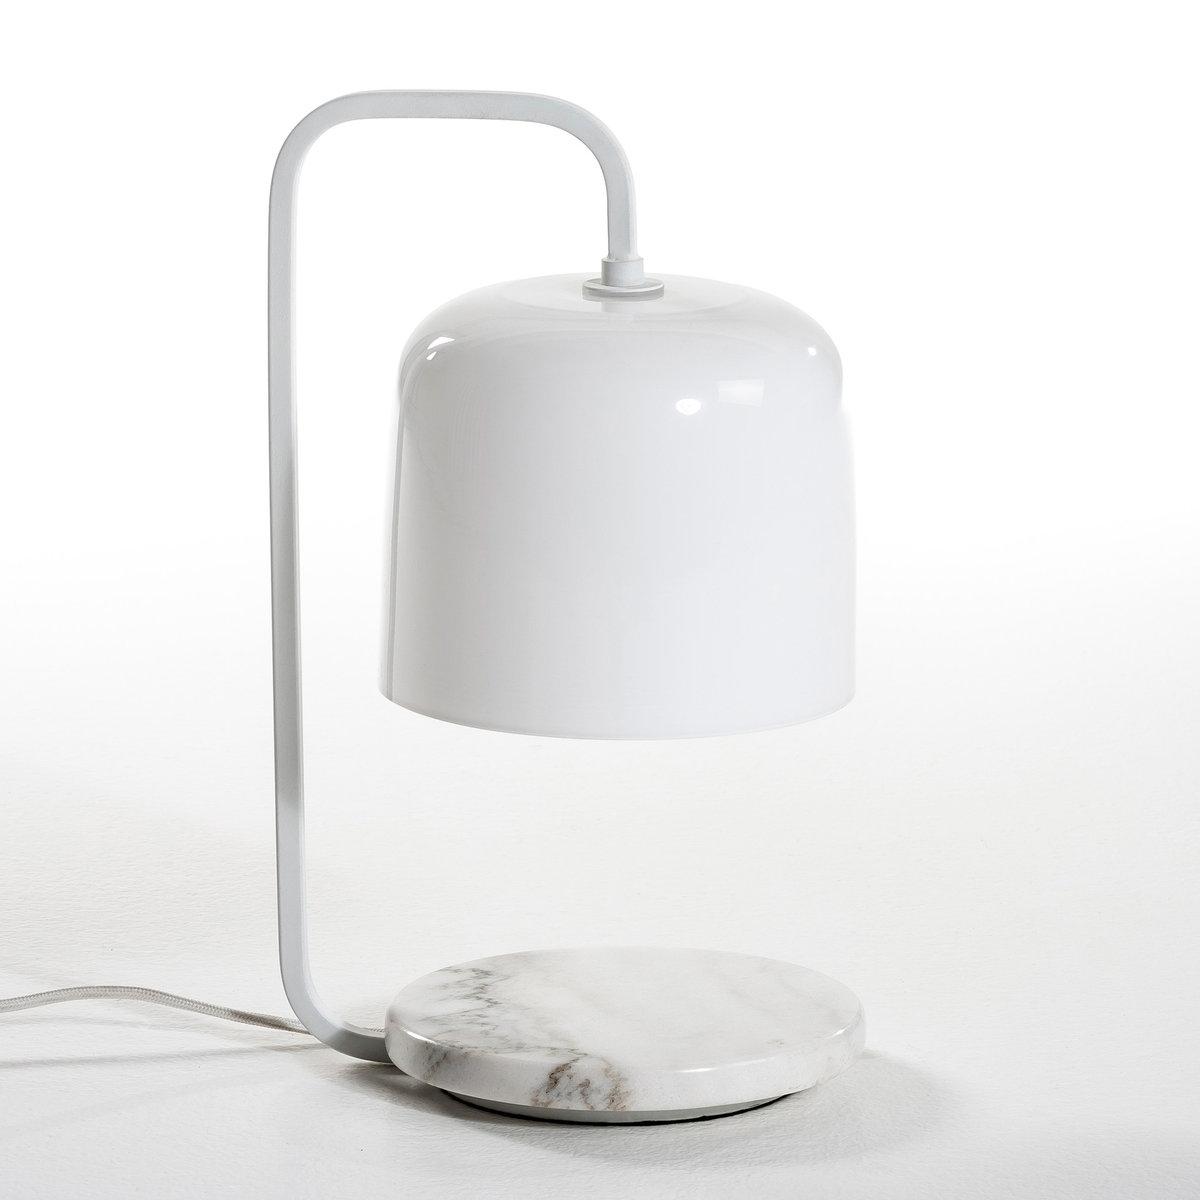 Лампа настольная Zella, дизайн Э. ГаллиныЛампа Zella, Творение Эммануэль Галины, эксклюзивно для AM.PM   .Дизайнер - Эммануэль Галлина. Элегантность, очевидность и простота - это  его ключевые понятия. Для него важны детали, чтобы запечатлеть каждое  мгновение в линиях, форме и функциональности . Описание лампы Zella :  - Основание из матового мрамора.- Металлическая стойка.- Абажур из белого стекла.- Патрон E14, лампочка 40Ват максимум (не входит в комплект). - Совместима со стандартными энергетическими лампочками : A-B-C-D-E.- Каждая модель уникальна, мрамор имеет индивидуальный рисунок.       Размеры : - ?20 x В37   см.<br><br>Цвет: белый<br>Размер: единый размер